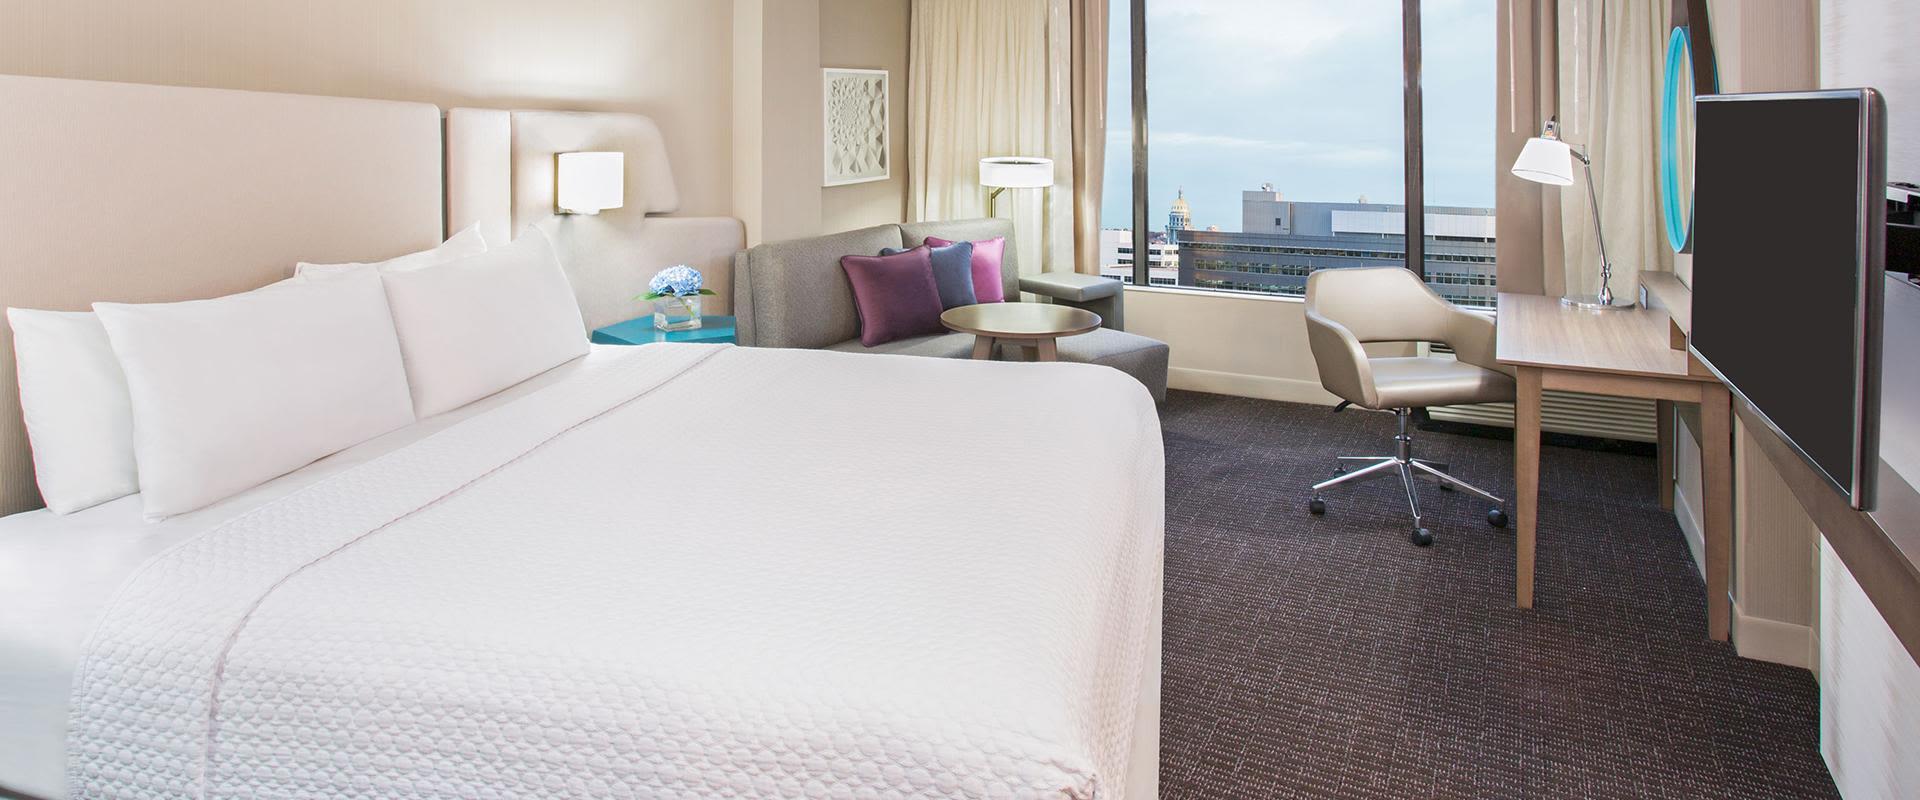 Denver Room Interior With City View